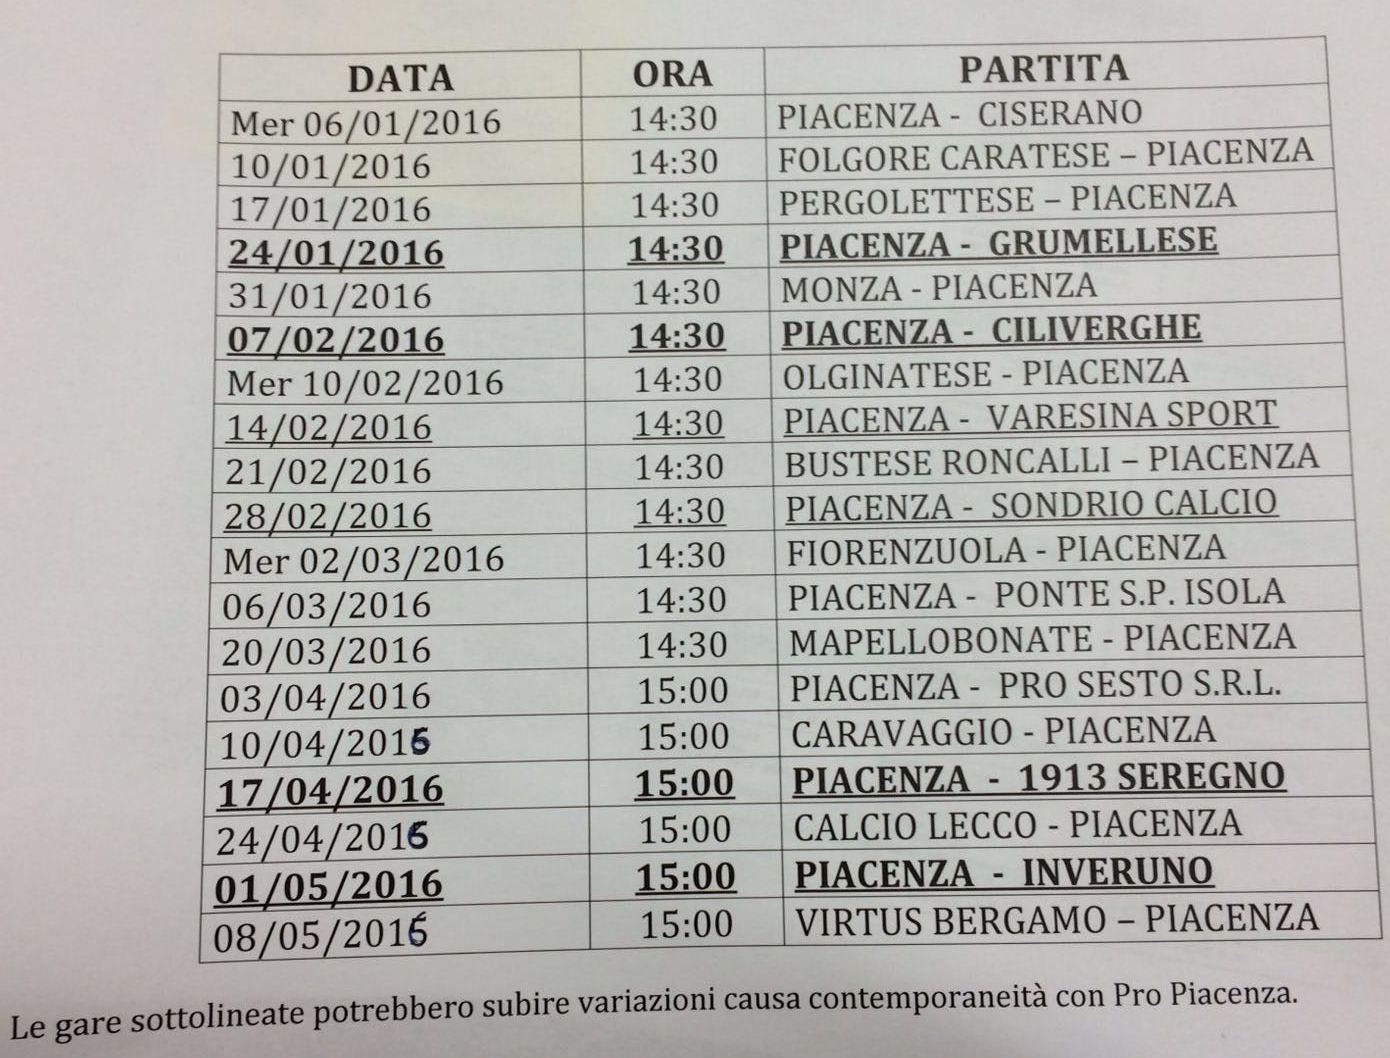 Torneo Di Viareggio Calendario.Calcio Spostato Il Torneo Di Viareggio Nuovo Calendario